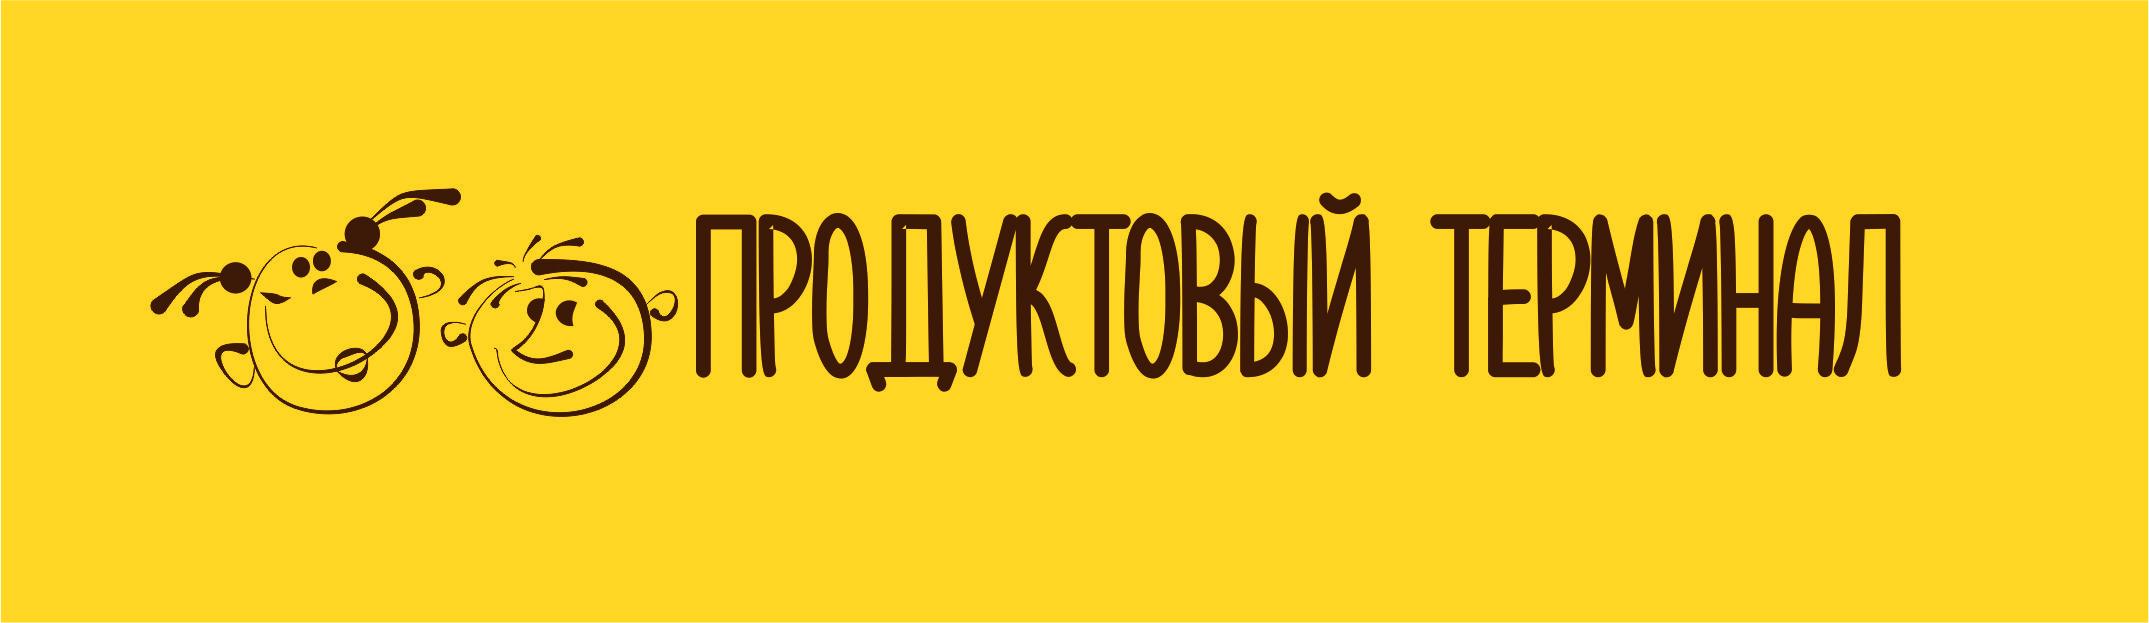 Логотип для сети продуктовых магазинов фото f_59056ff821a12922.jpg